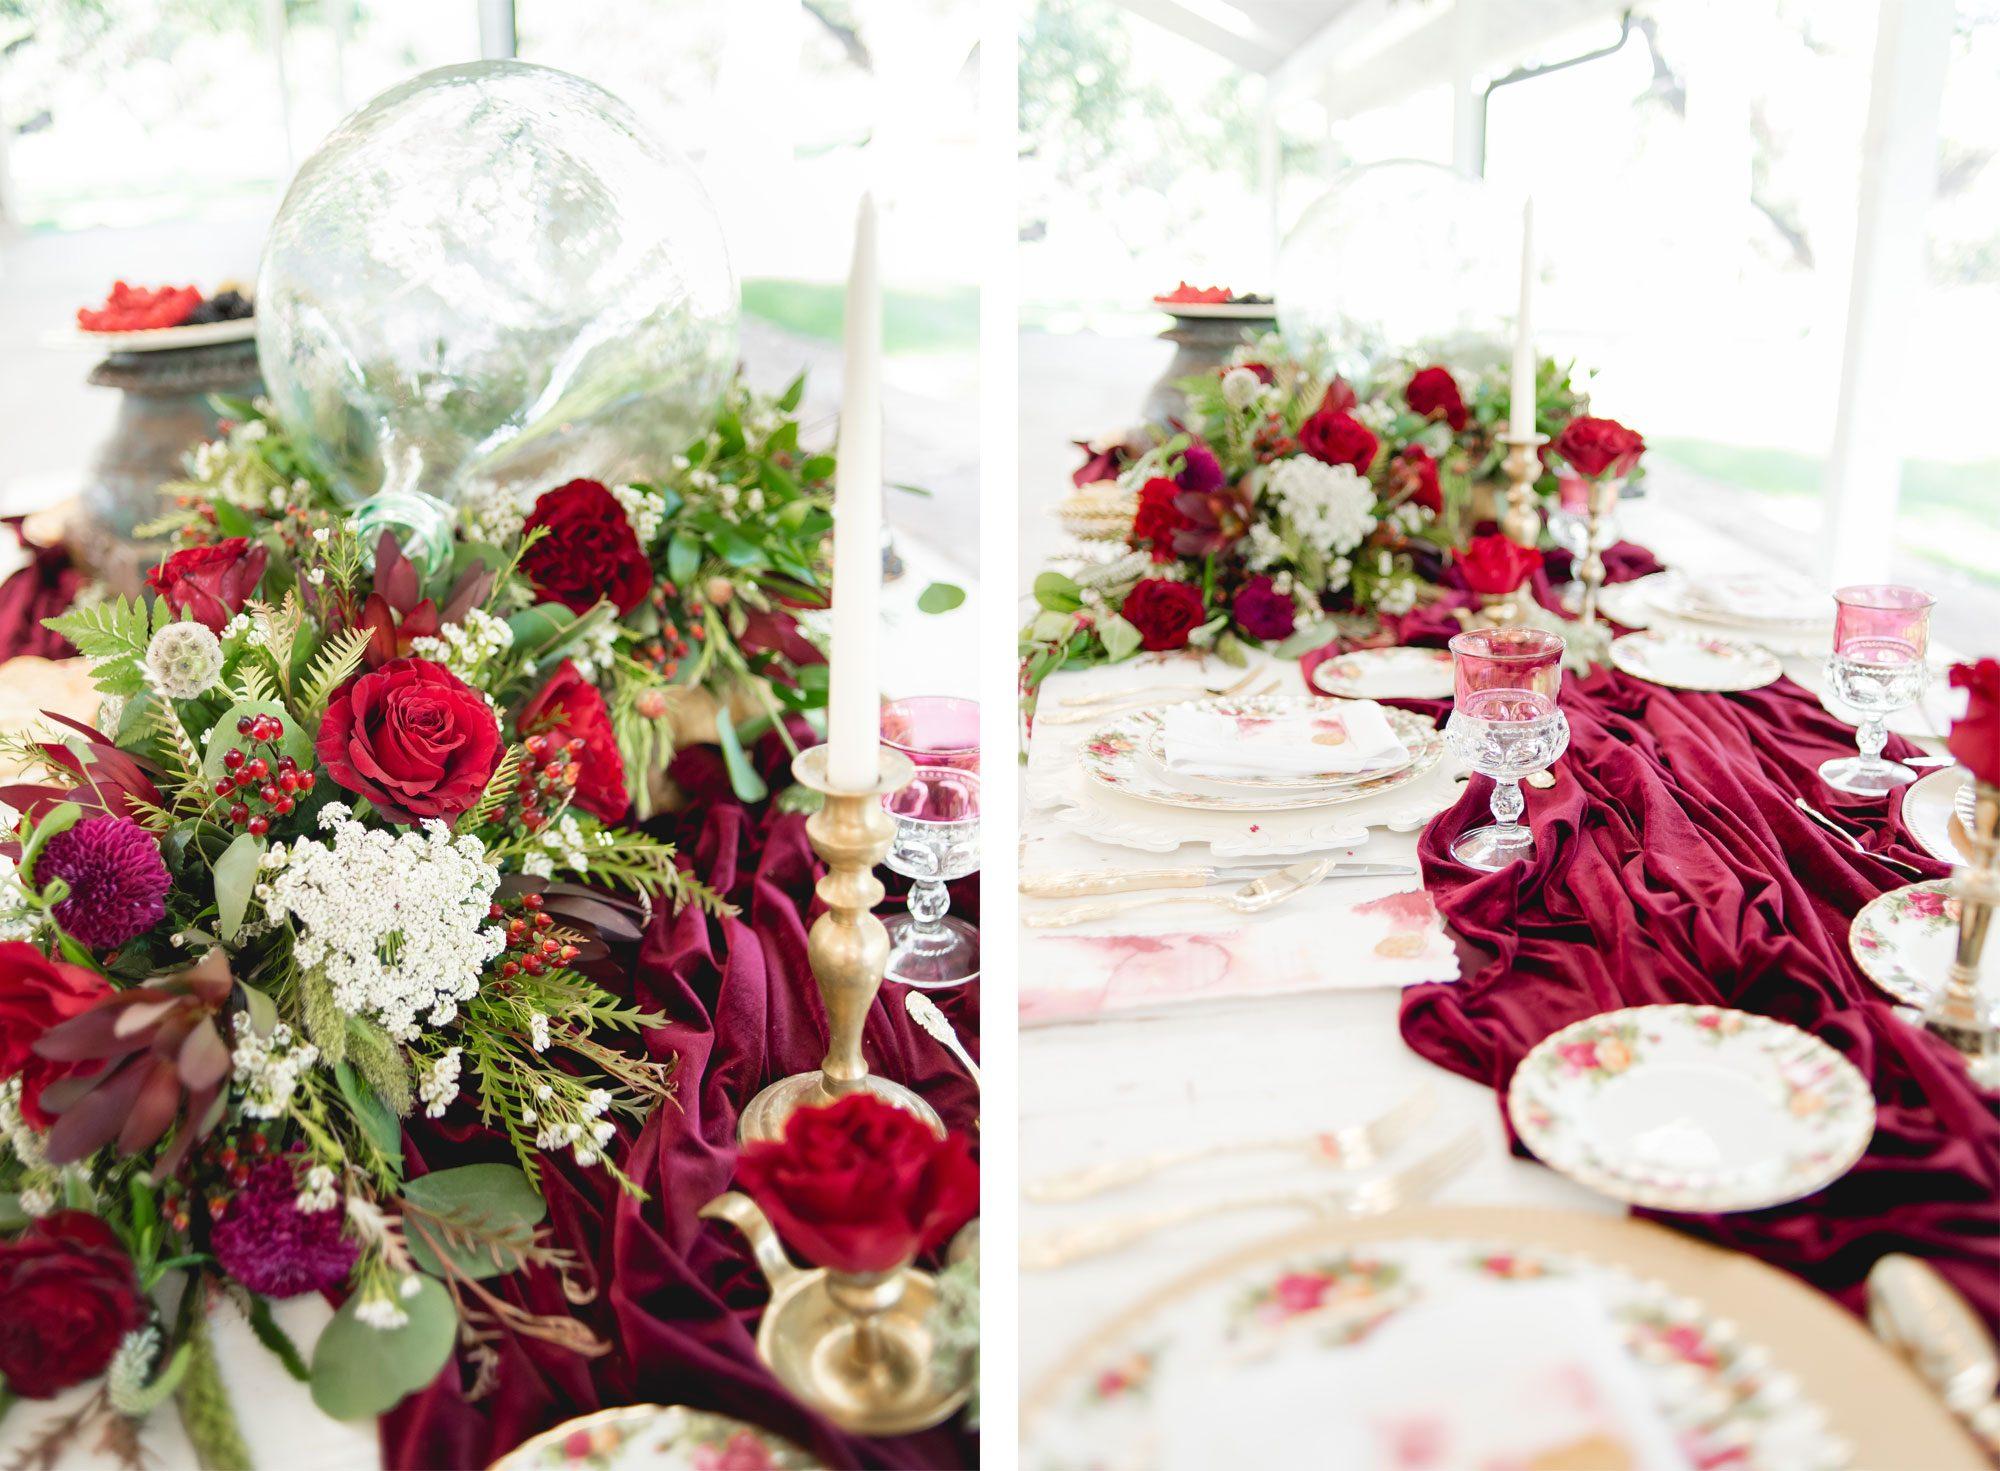 Old Rose vintage tablescape